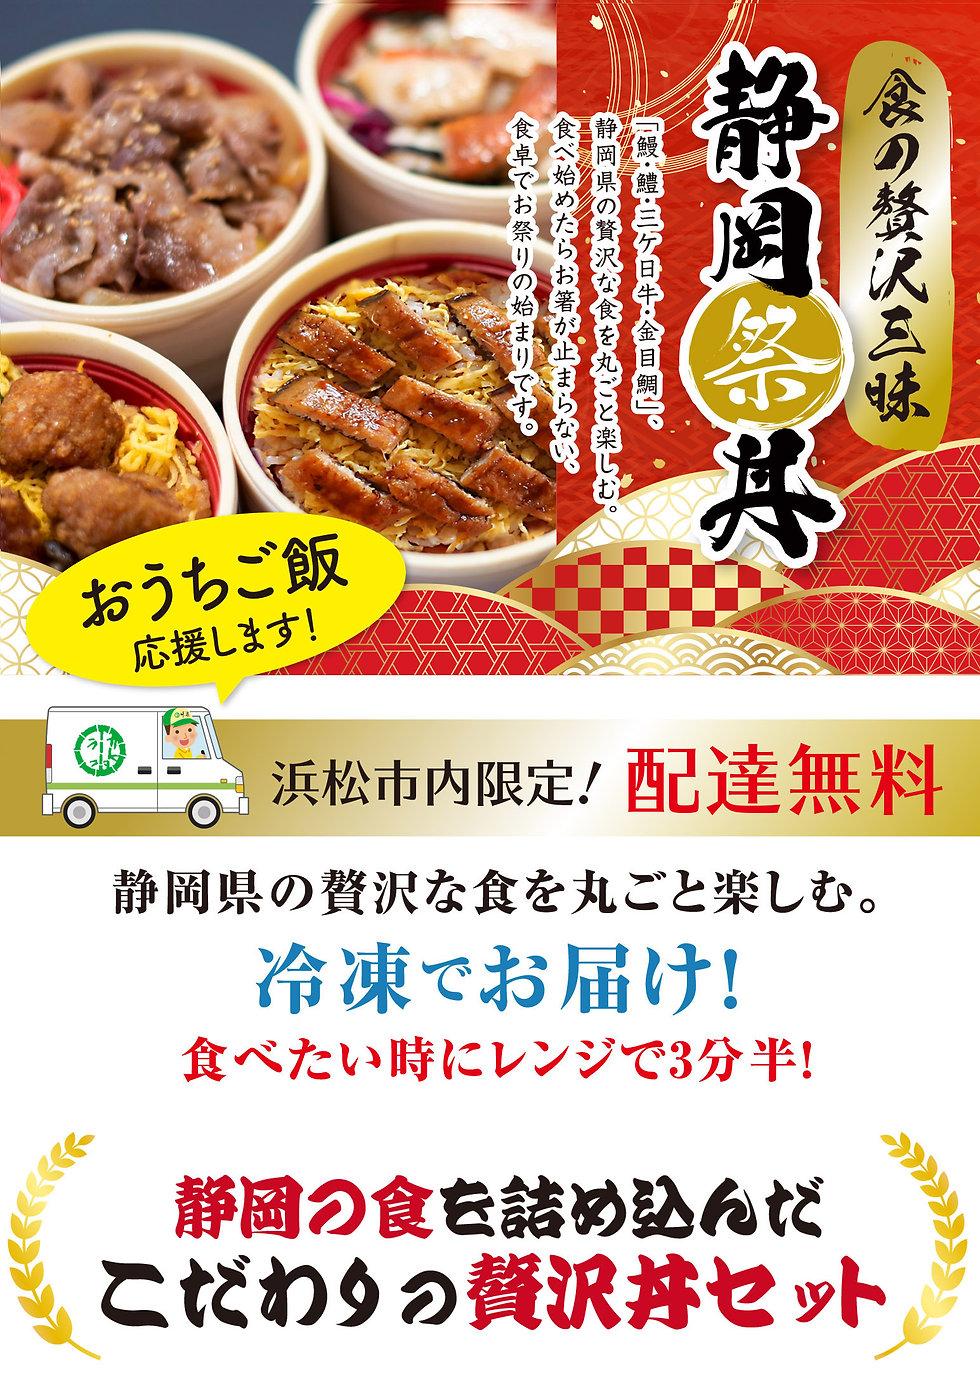 shizuokamatsuridon01.jpg